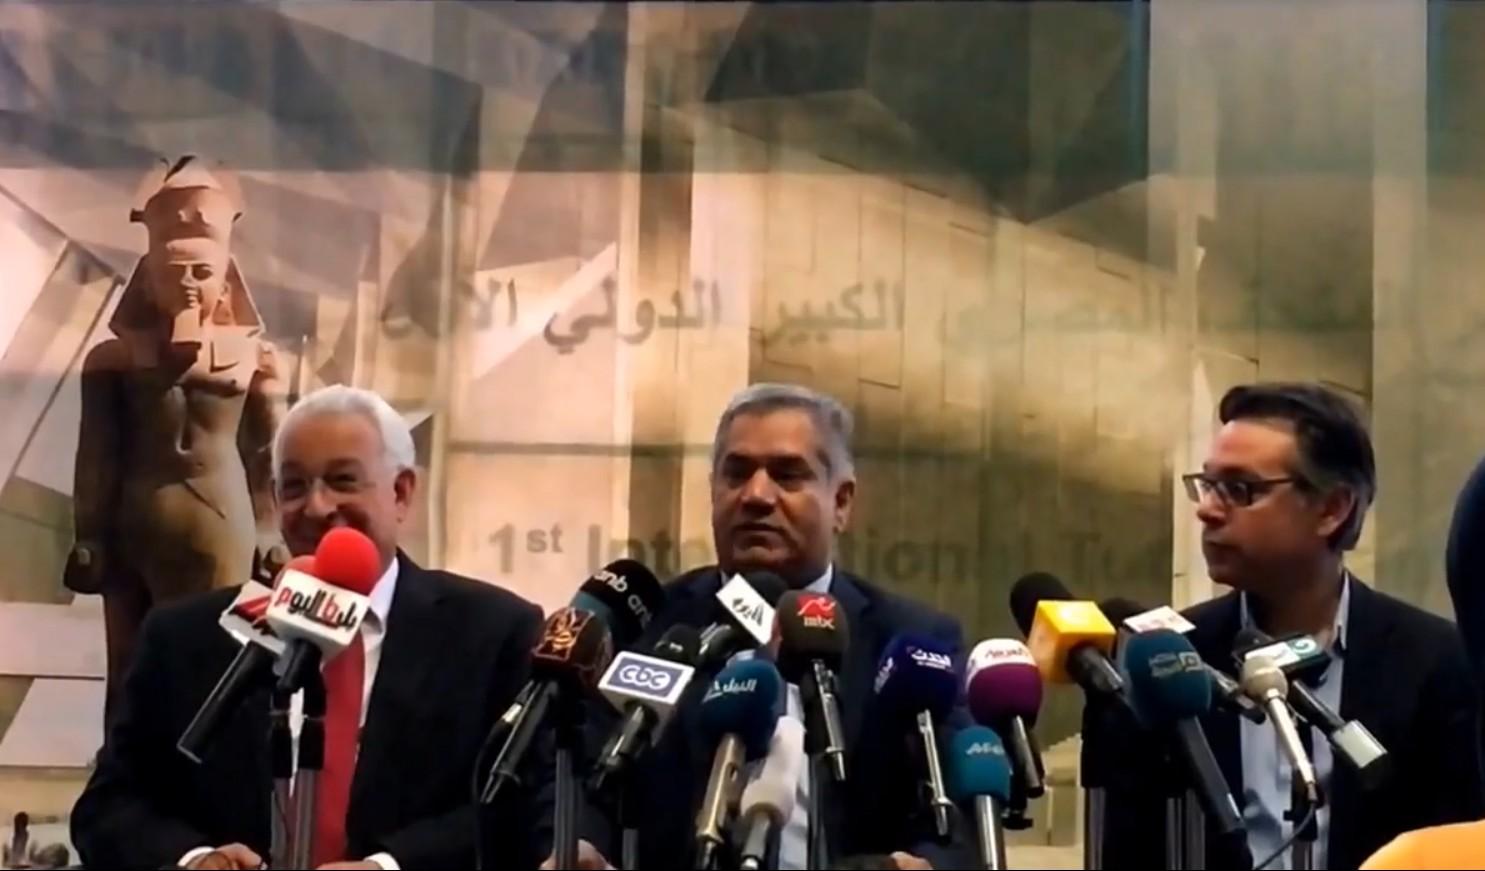 Antikenminister el-Damaty (Mitte) bei der Presekonferenz. Bild: Luxor Times